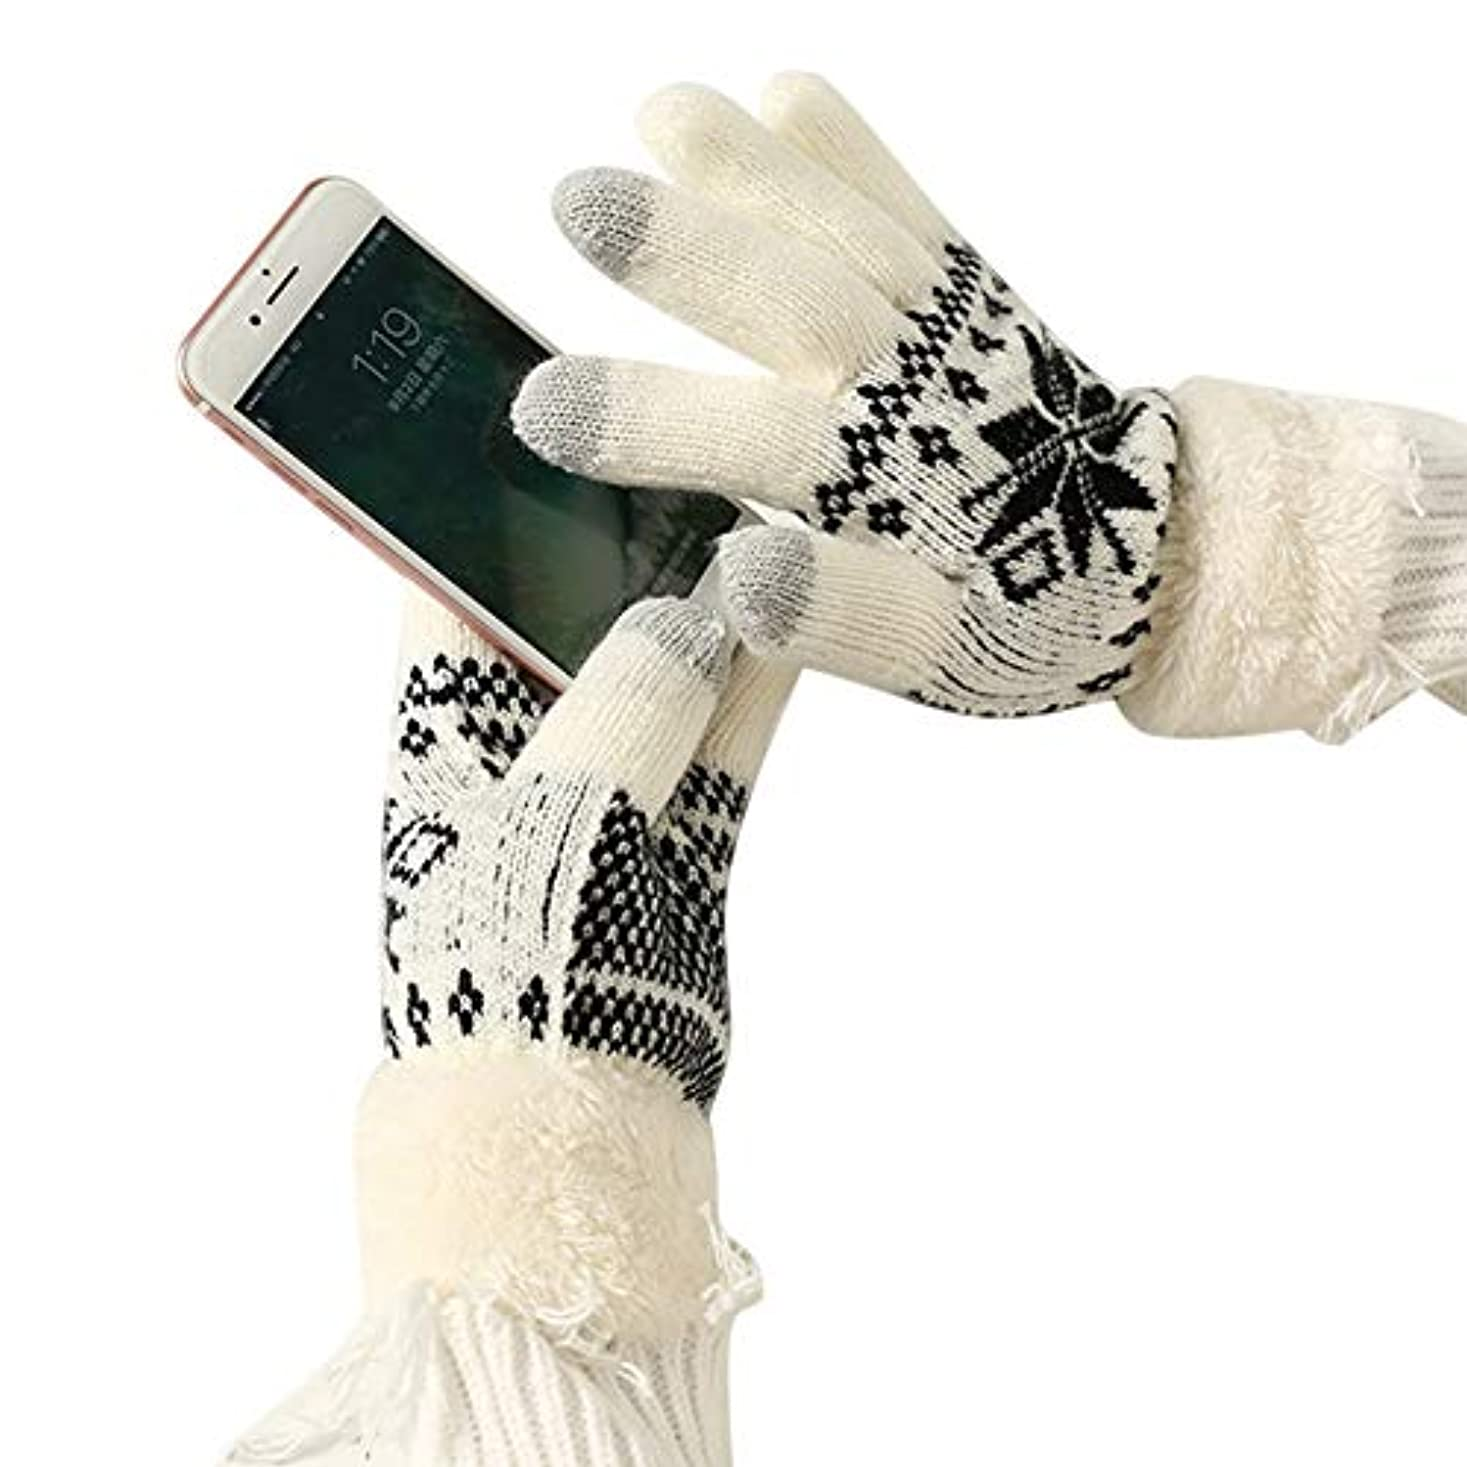 手配する制限する曲がったProfeel 非常に暖かいフリースのタッチスクリーン手袋は、女性の冬の屋外で厚く編みます